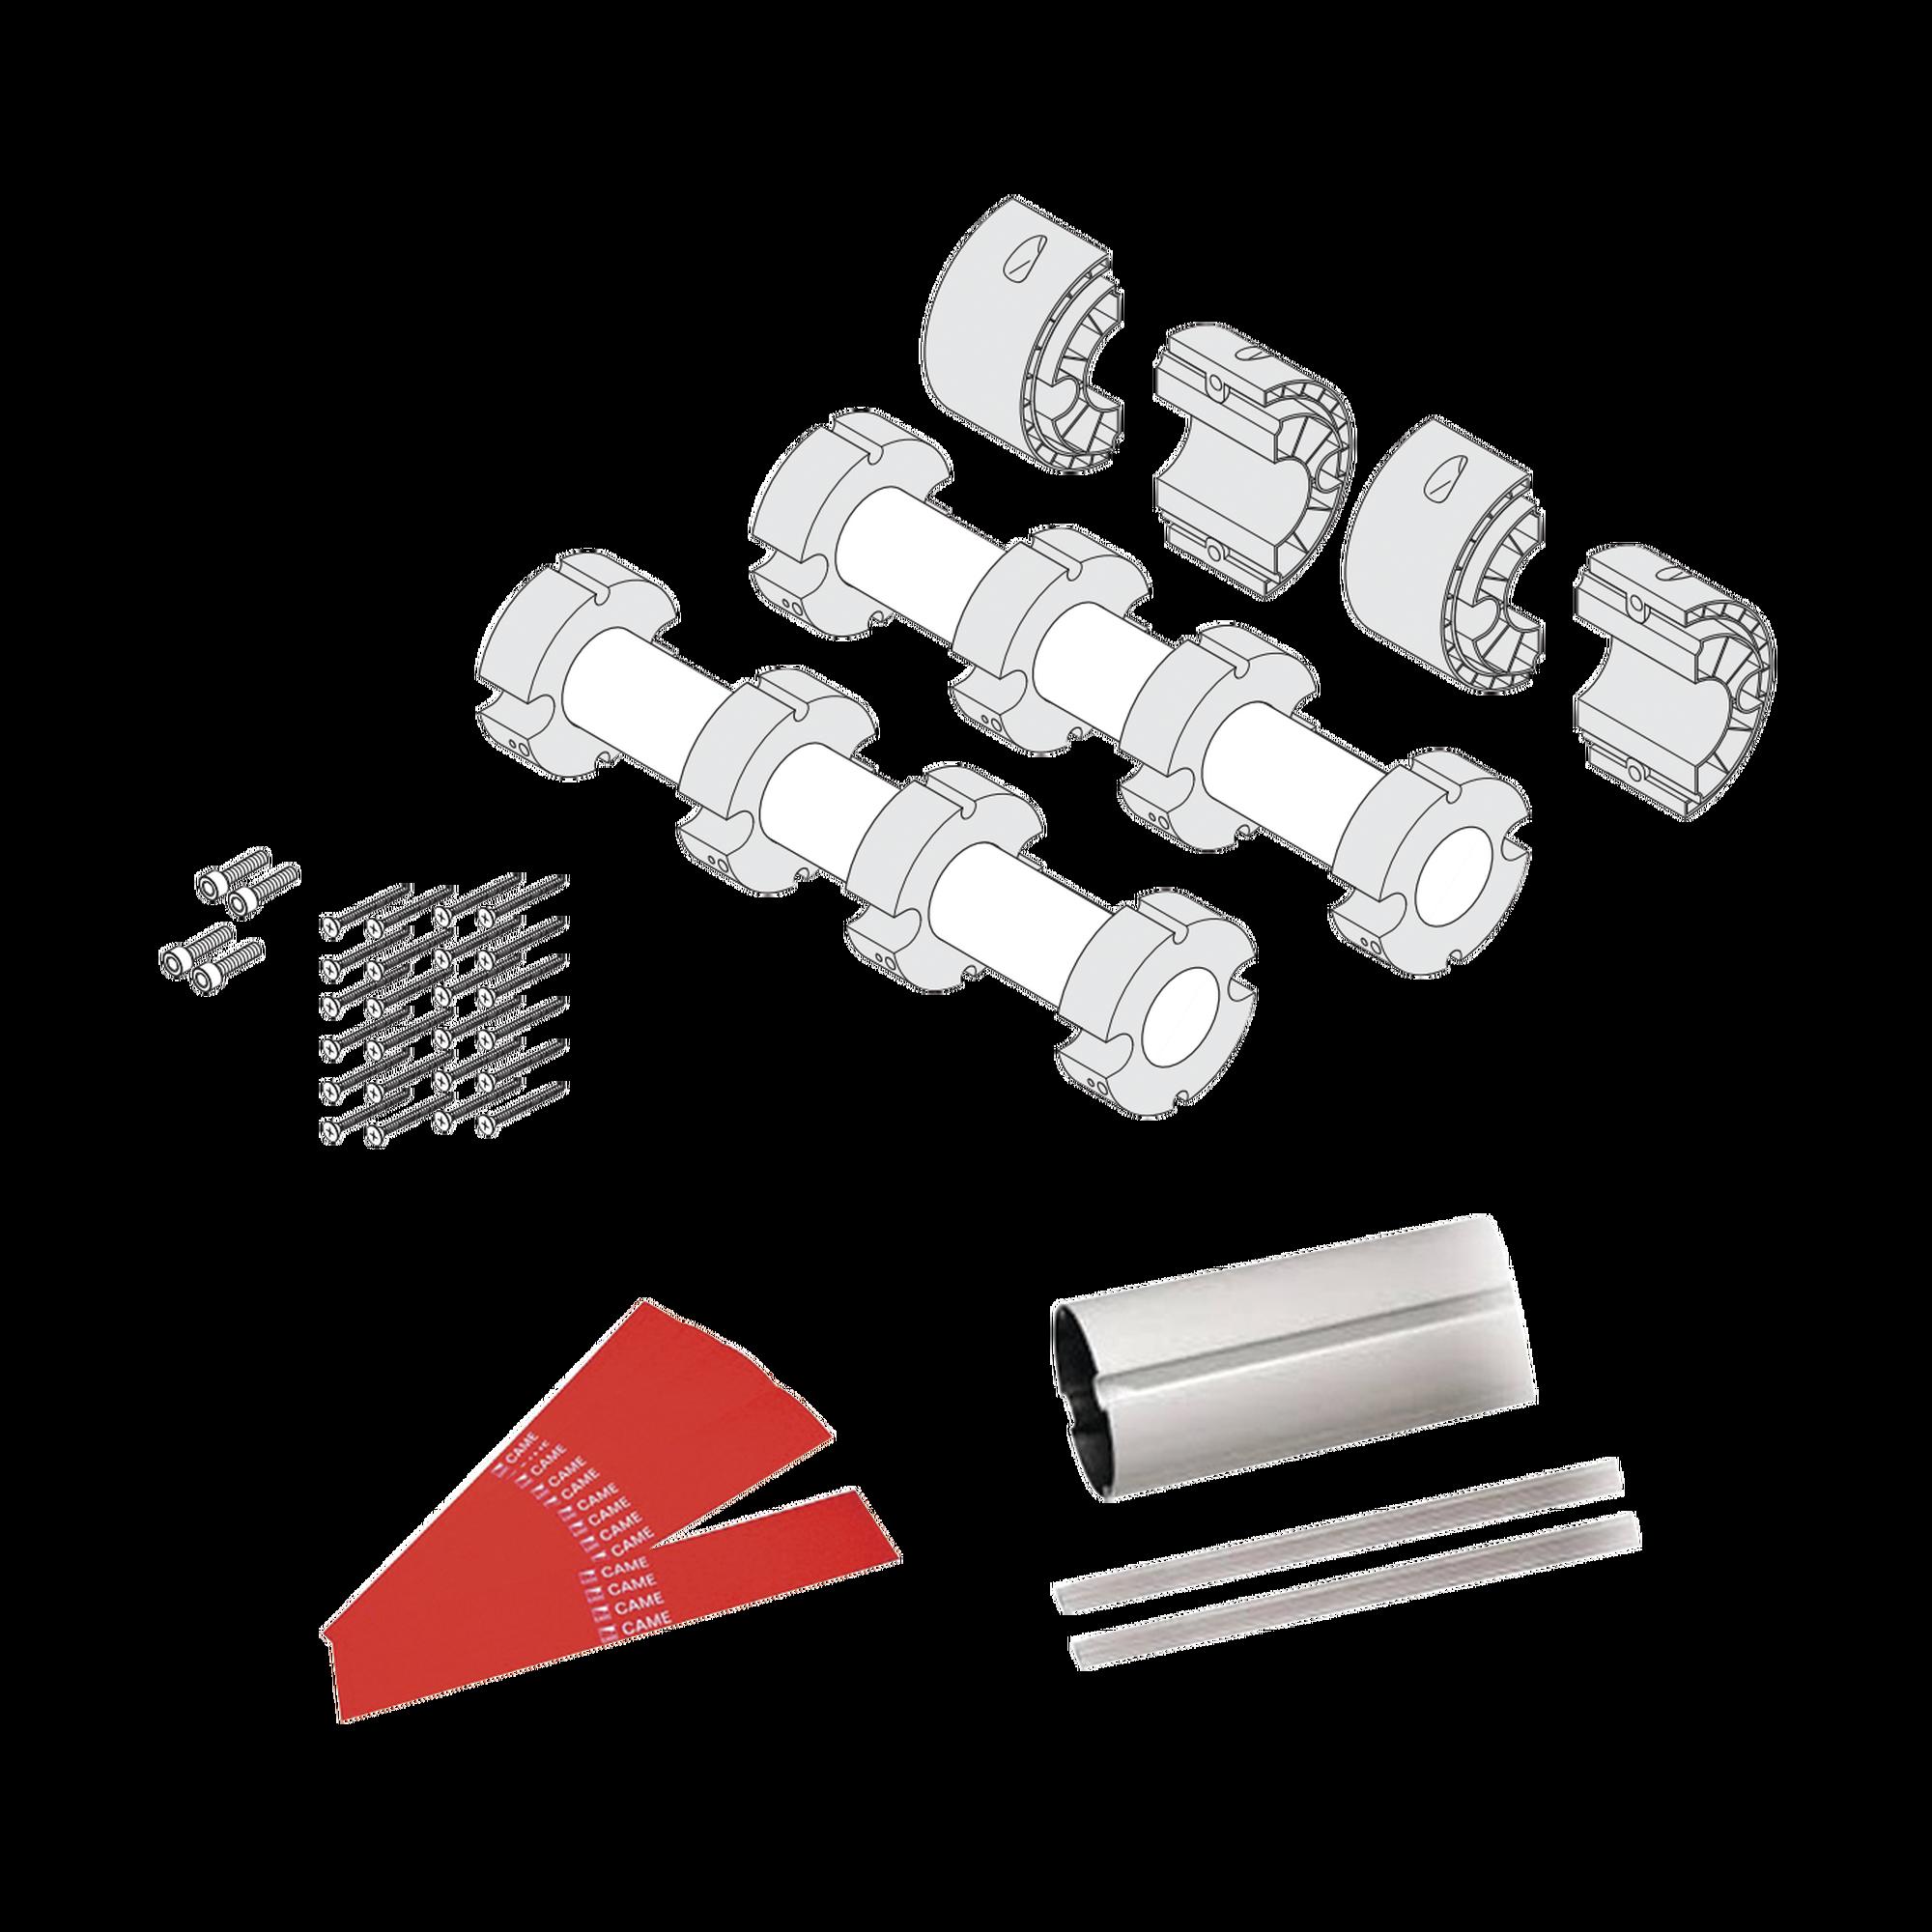 Kit de mastil para barreras GARD8 / Incluye 2 secciones tubulares de 4m / Incluye tiras reflejantes / Incluye union central